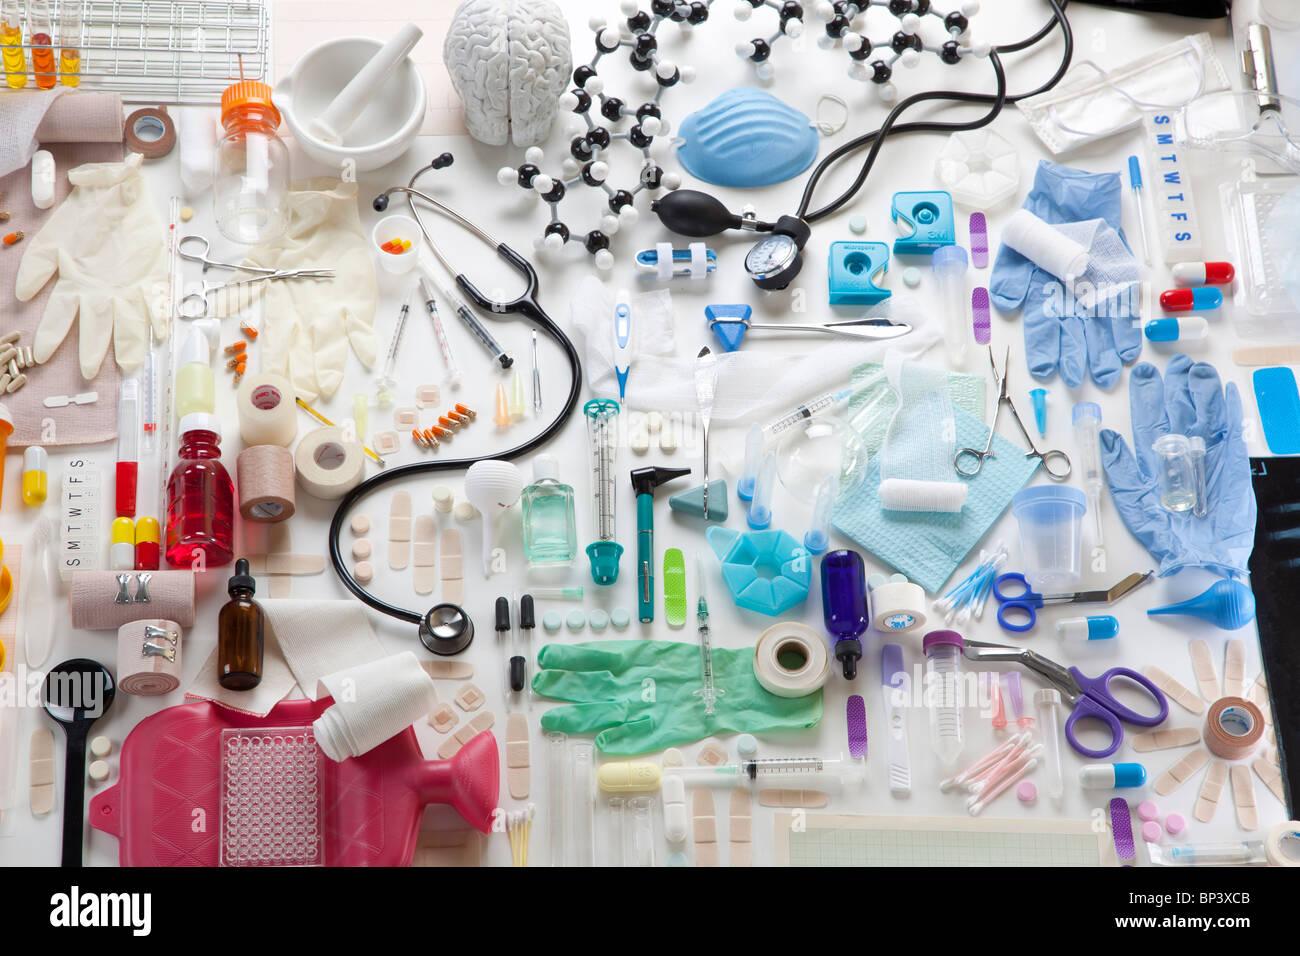 Gruppe von vielen Objekten, die im Zusammenhang mit Medizin und Gesundheitswesen Stockbild